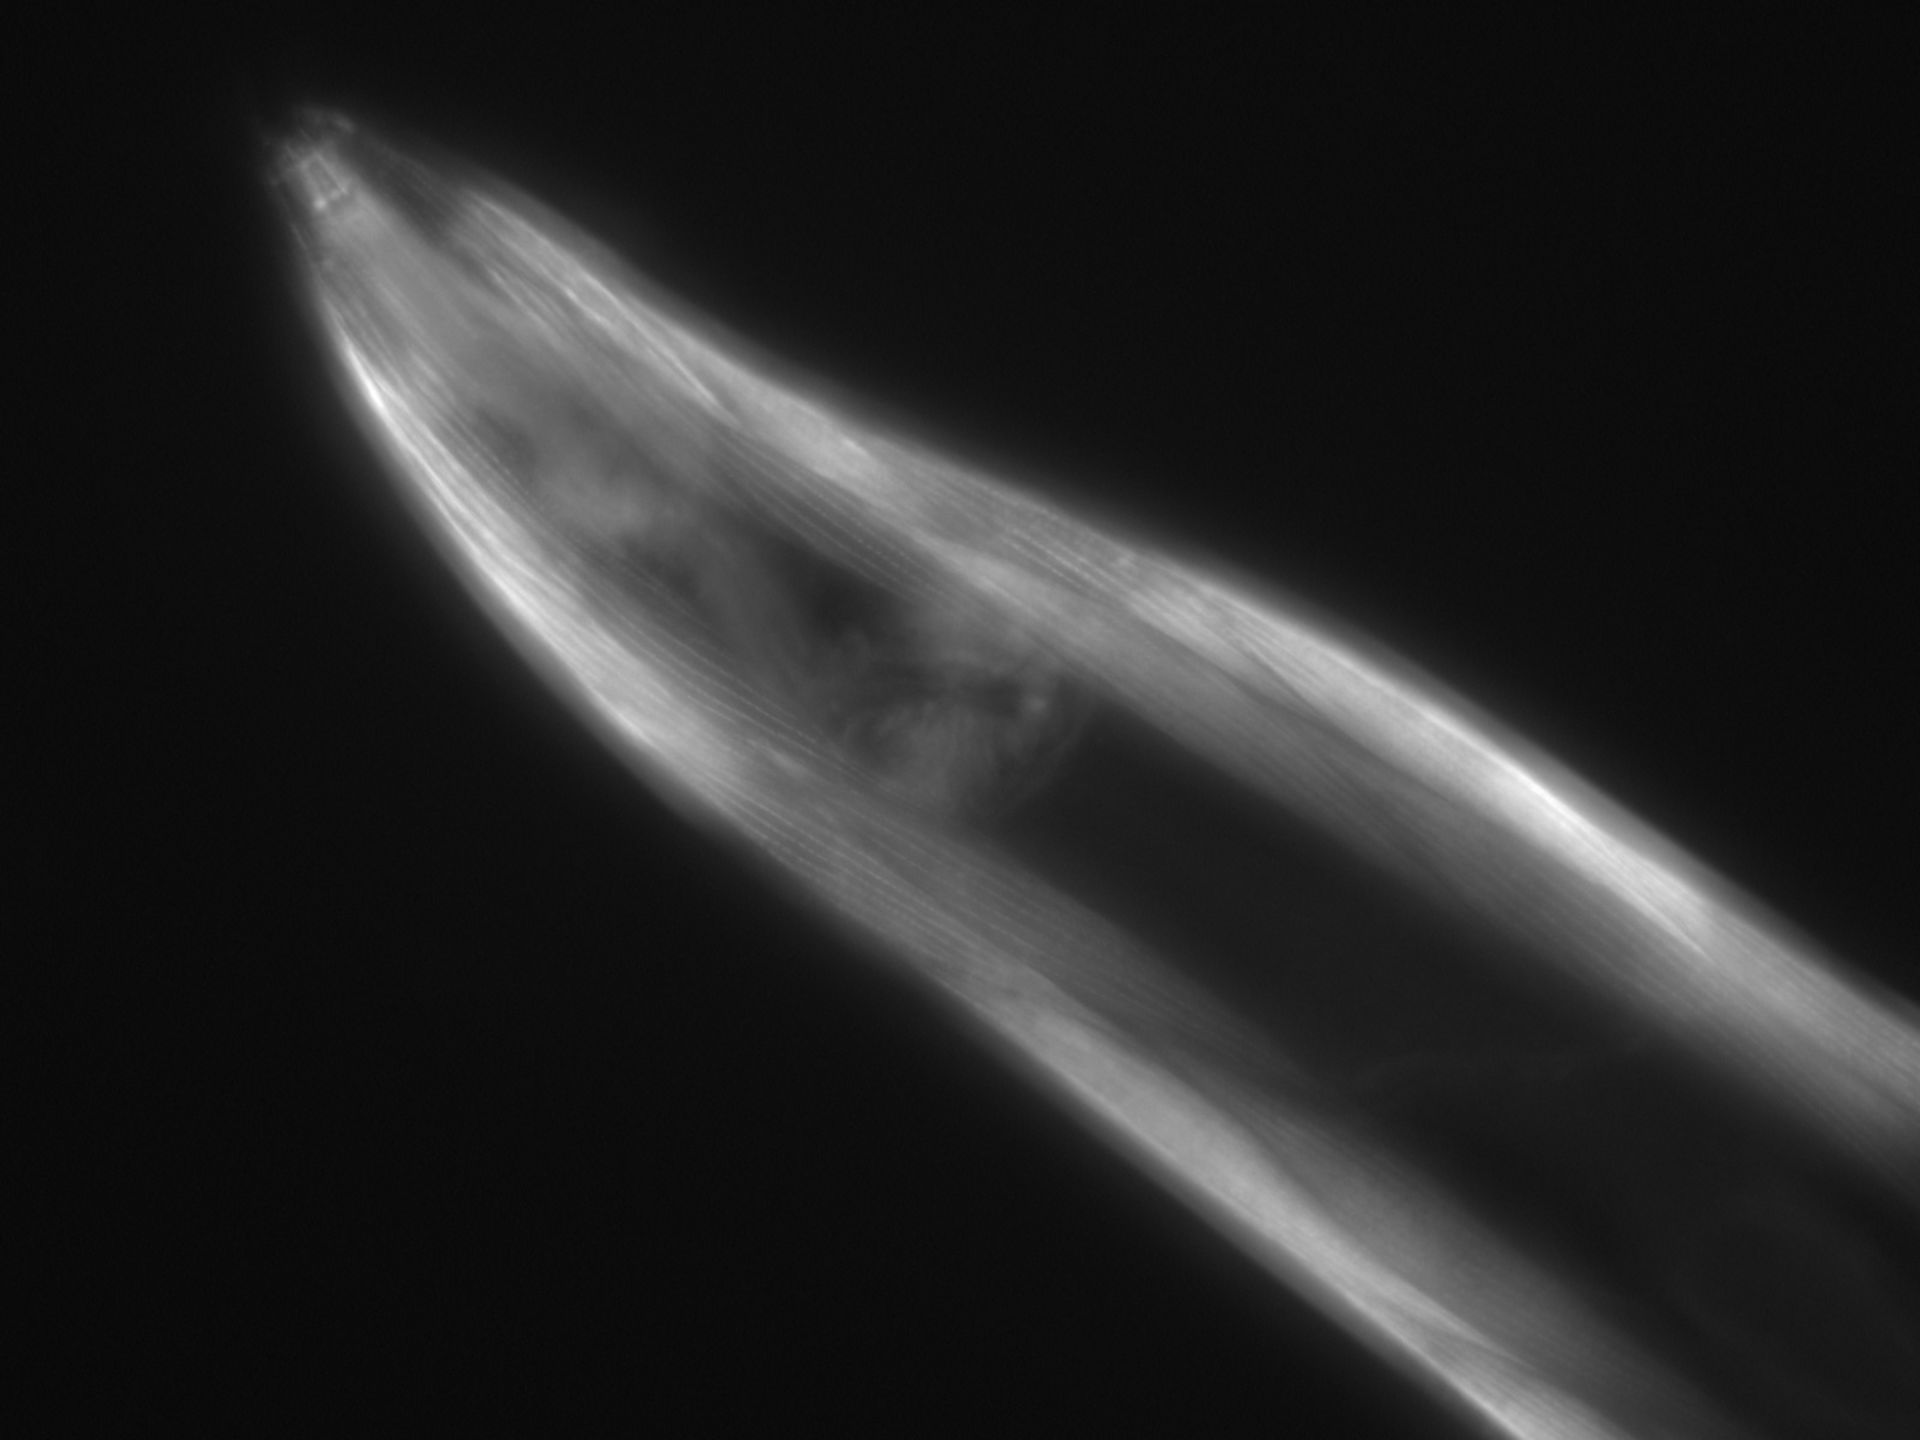 Caenorhabditis elegans (Actin filament) - CIL:1060